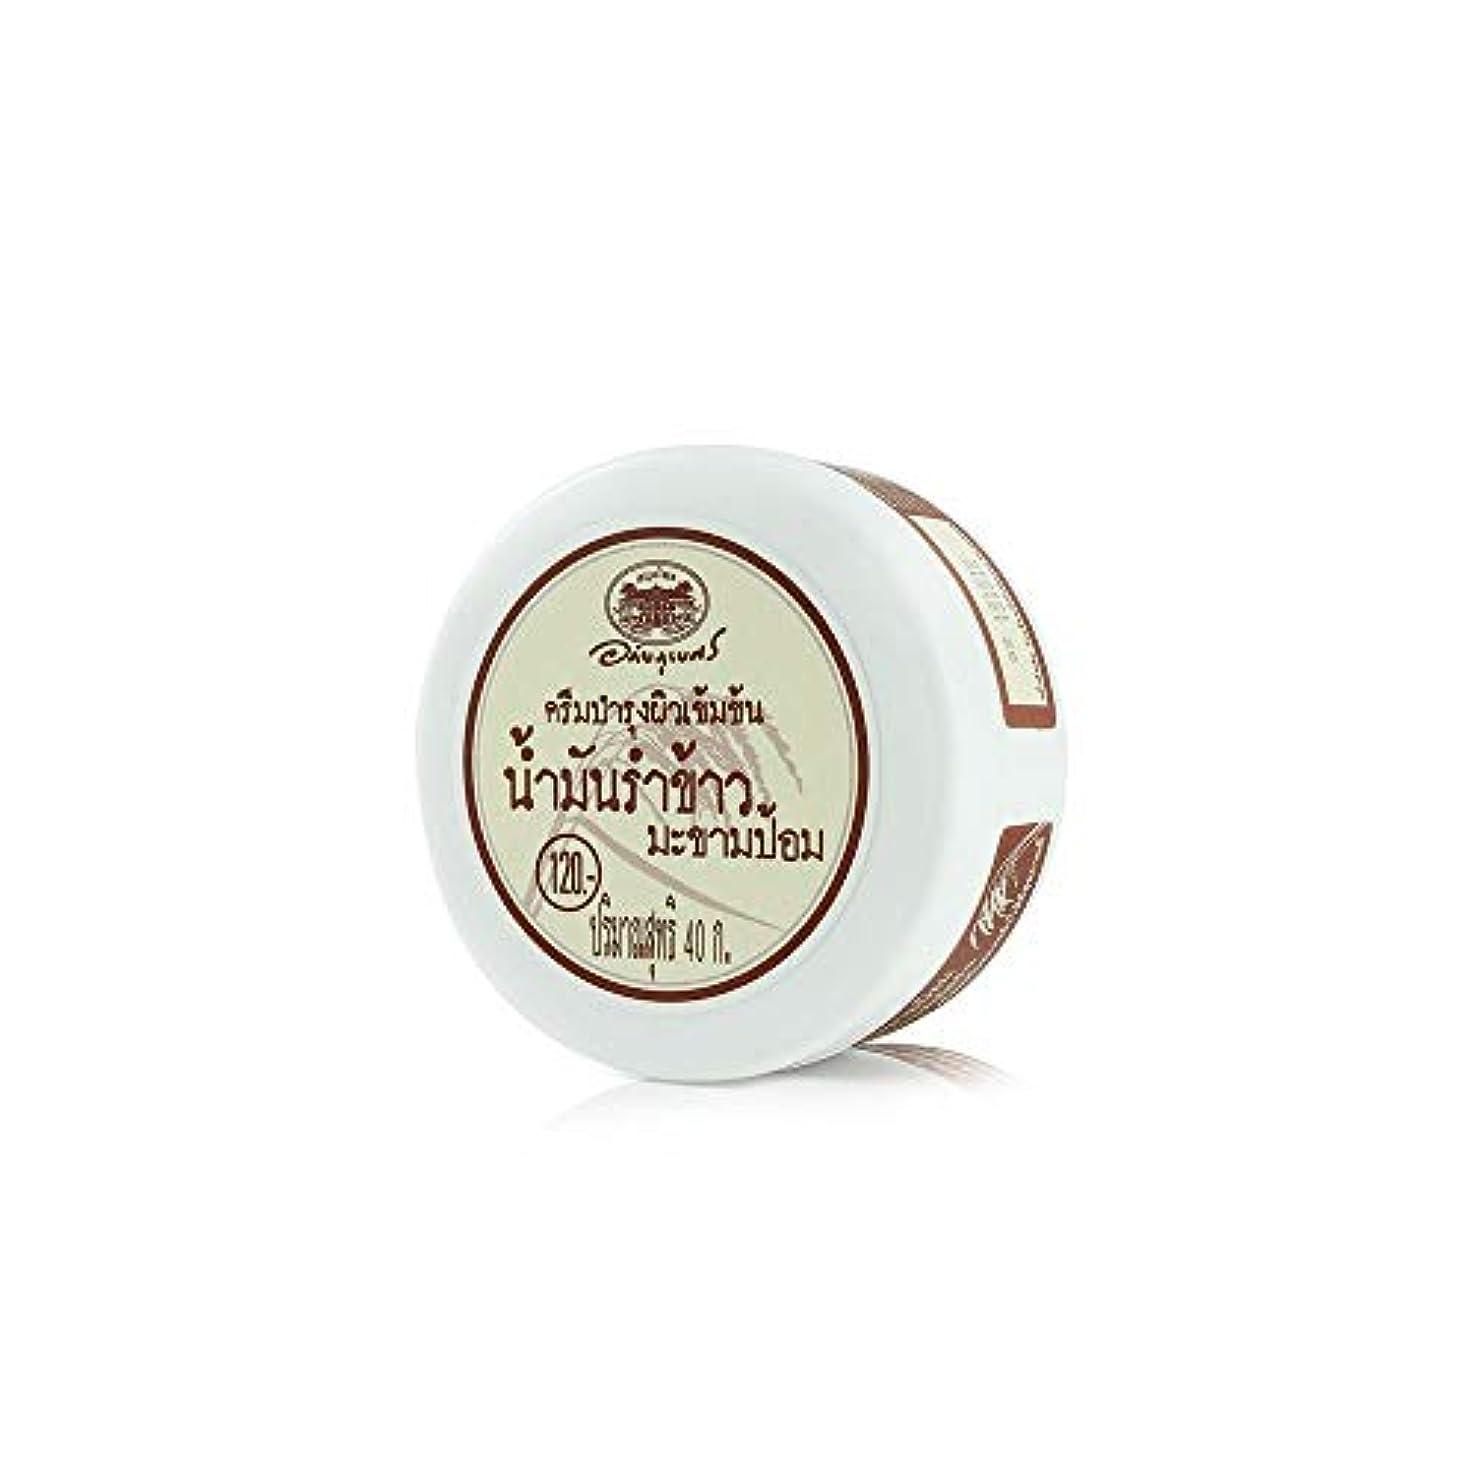 のぞき見労働バンAbhaibhubejhr Rice Bran Oil Plus Tamarind Extract Herbal Body Cream 40g. Abhaibhubejhrライスブランオイルプラスタマリンドエクストラクトハーブボディクリーム...